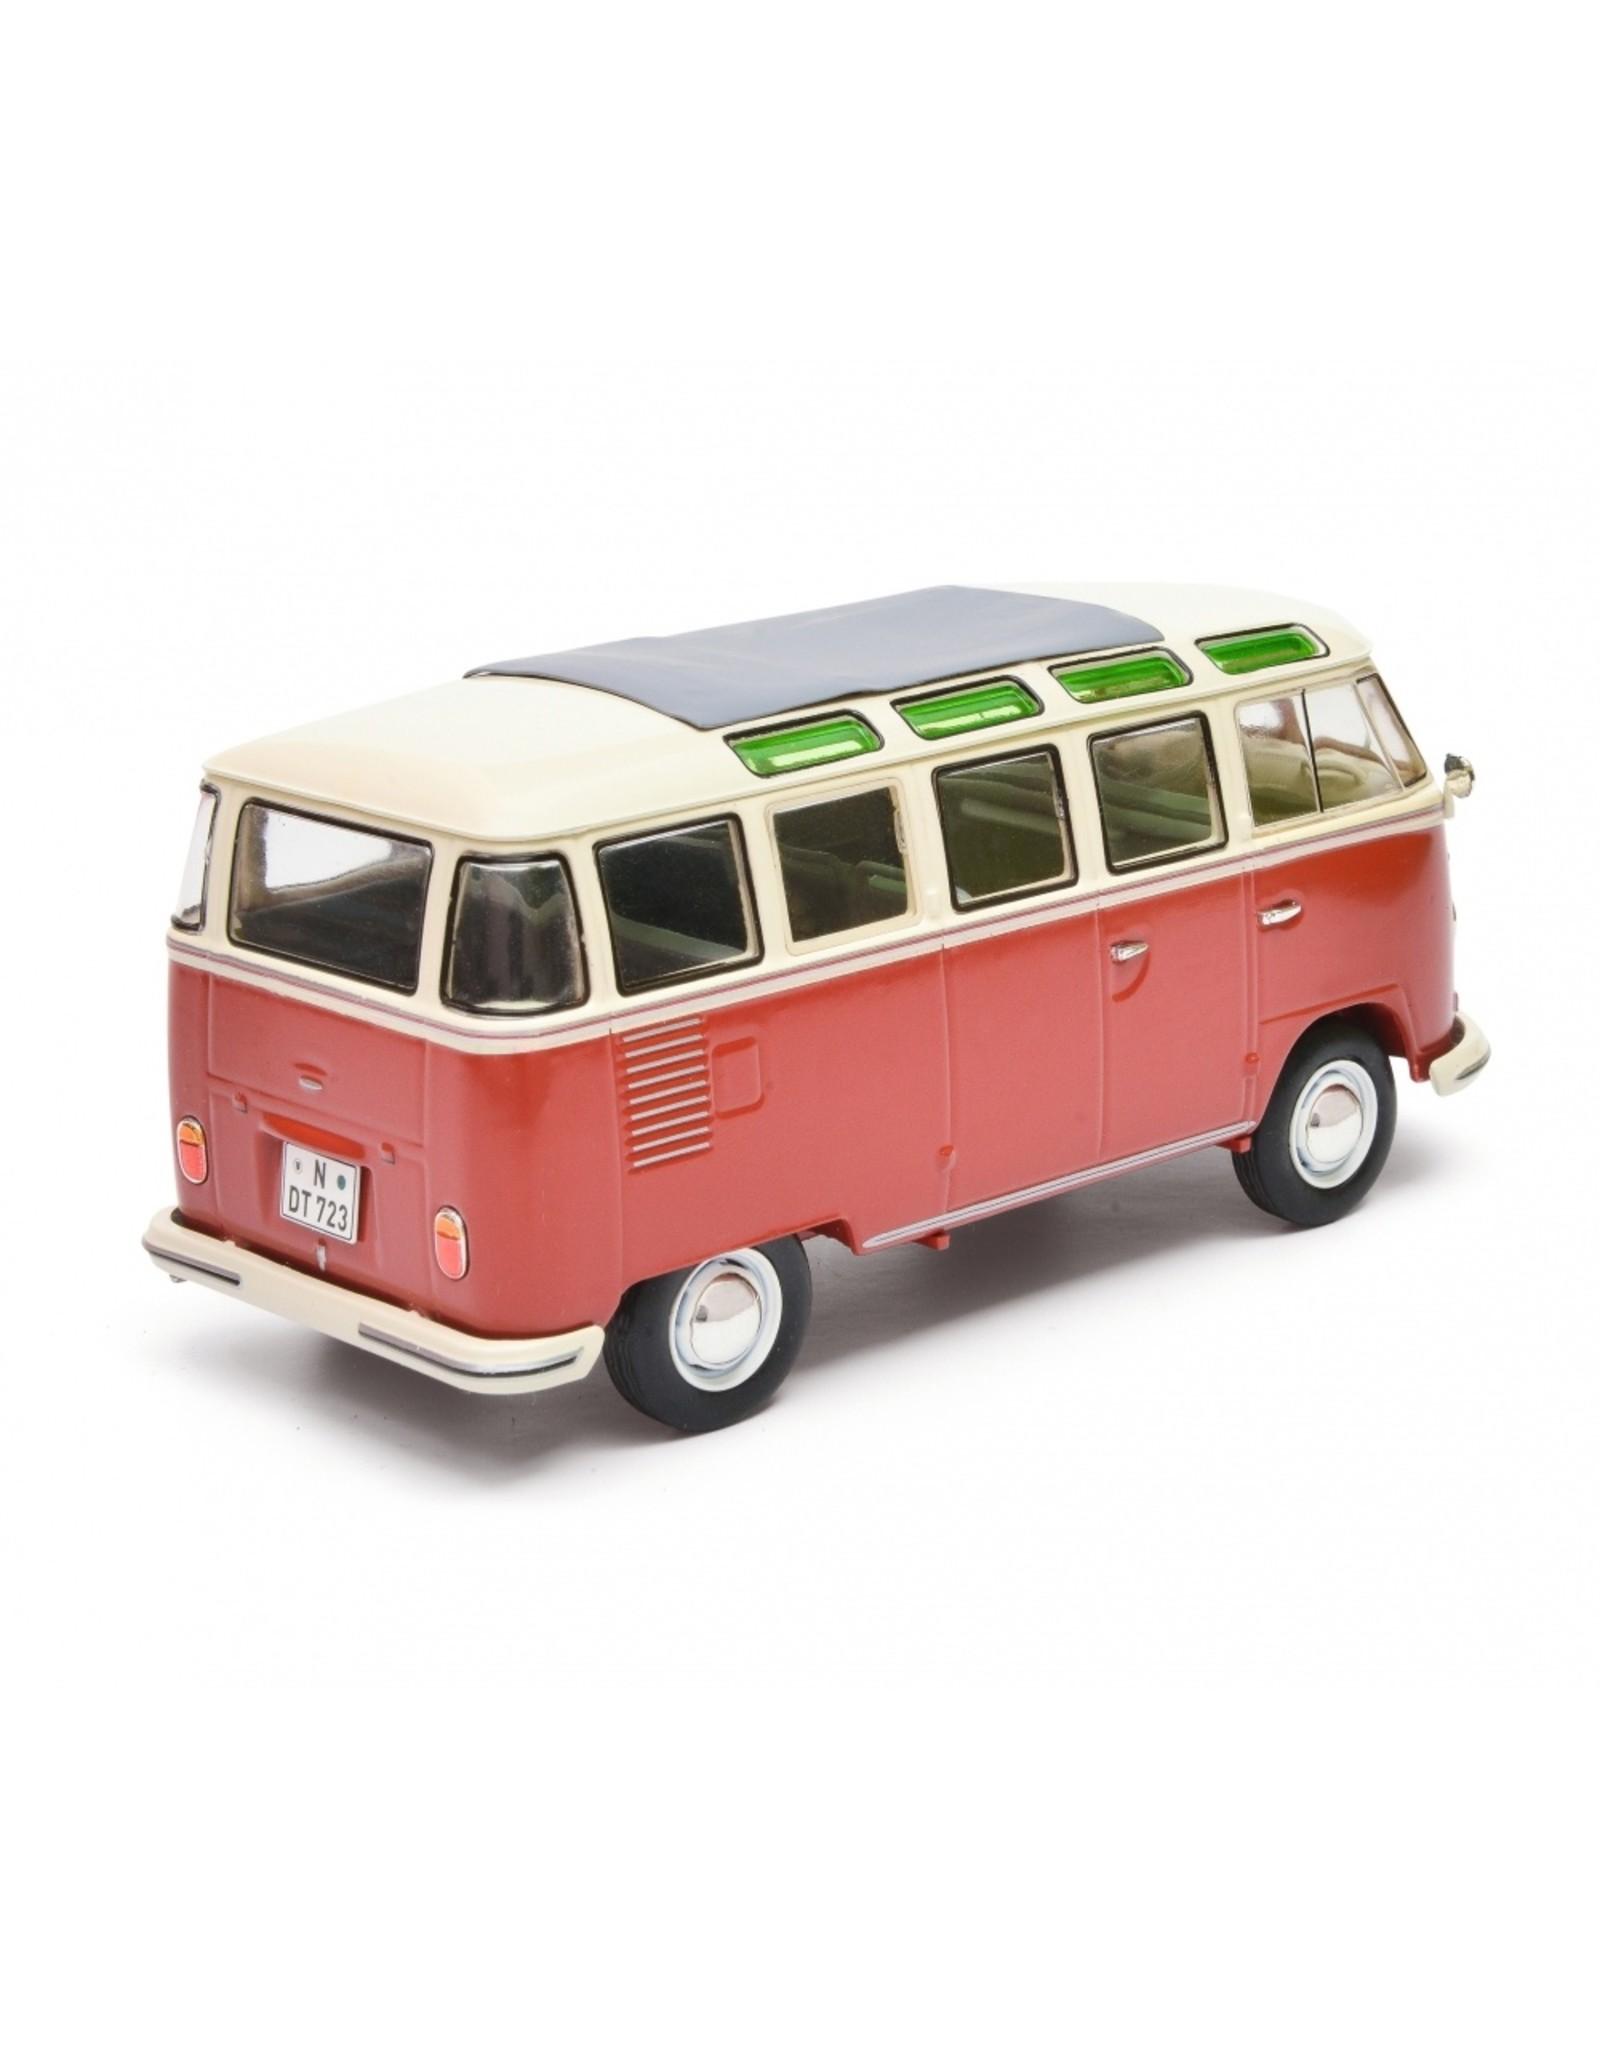 Volkswagen Volkswagen T1b Samba - 1:32 - Schuco